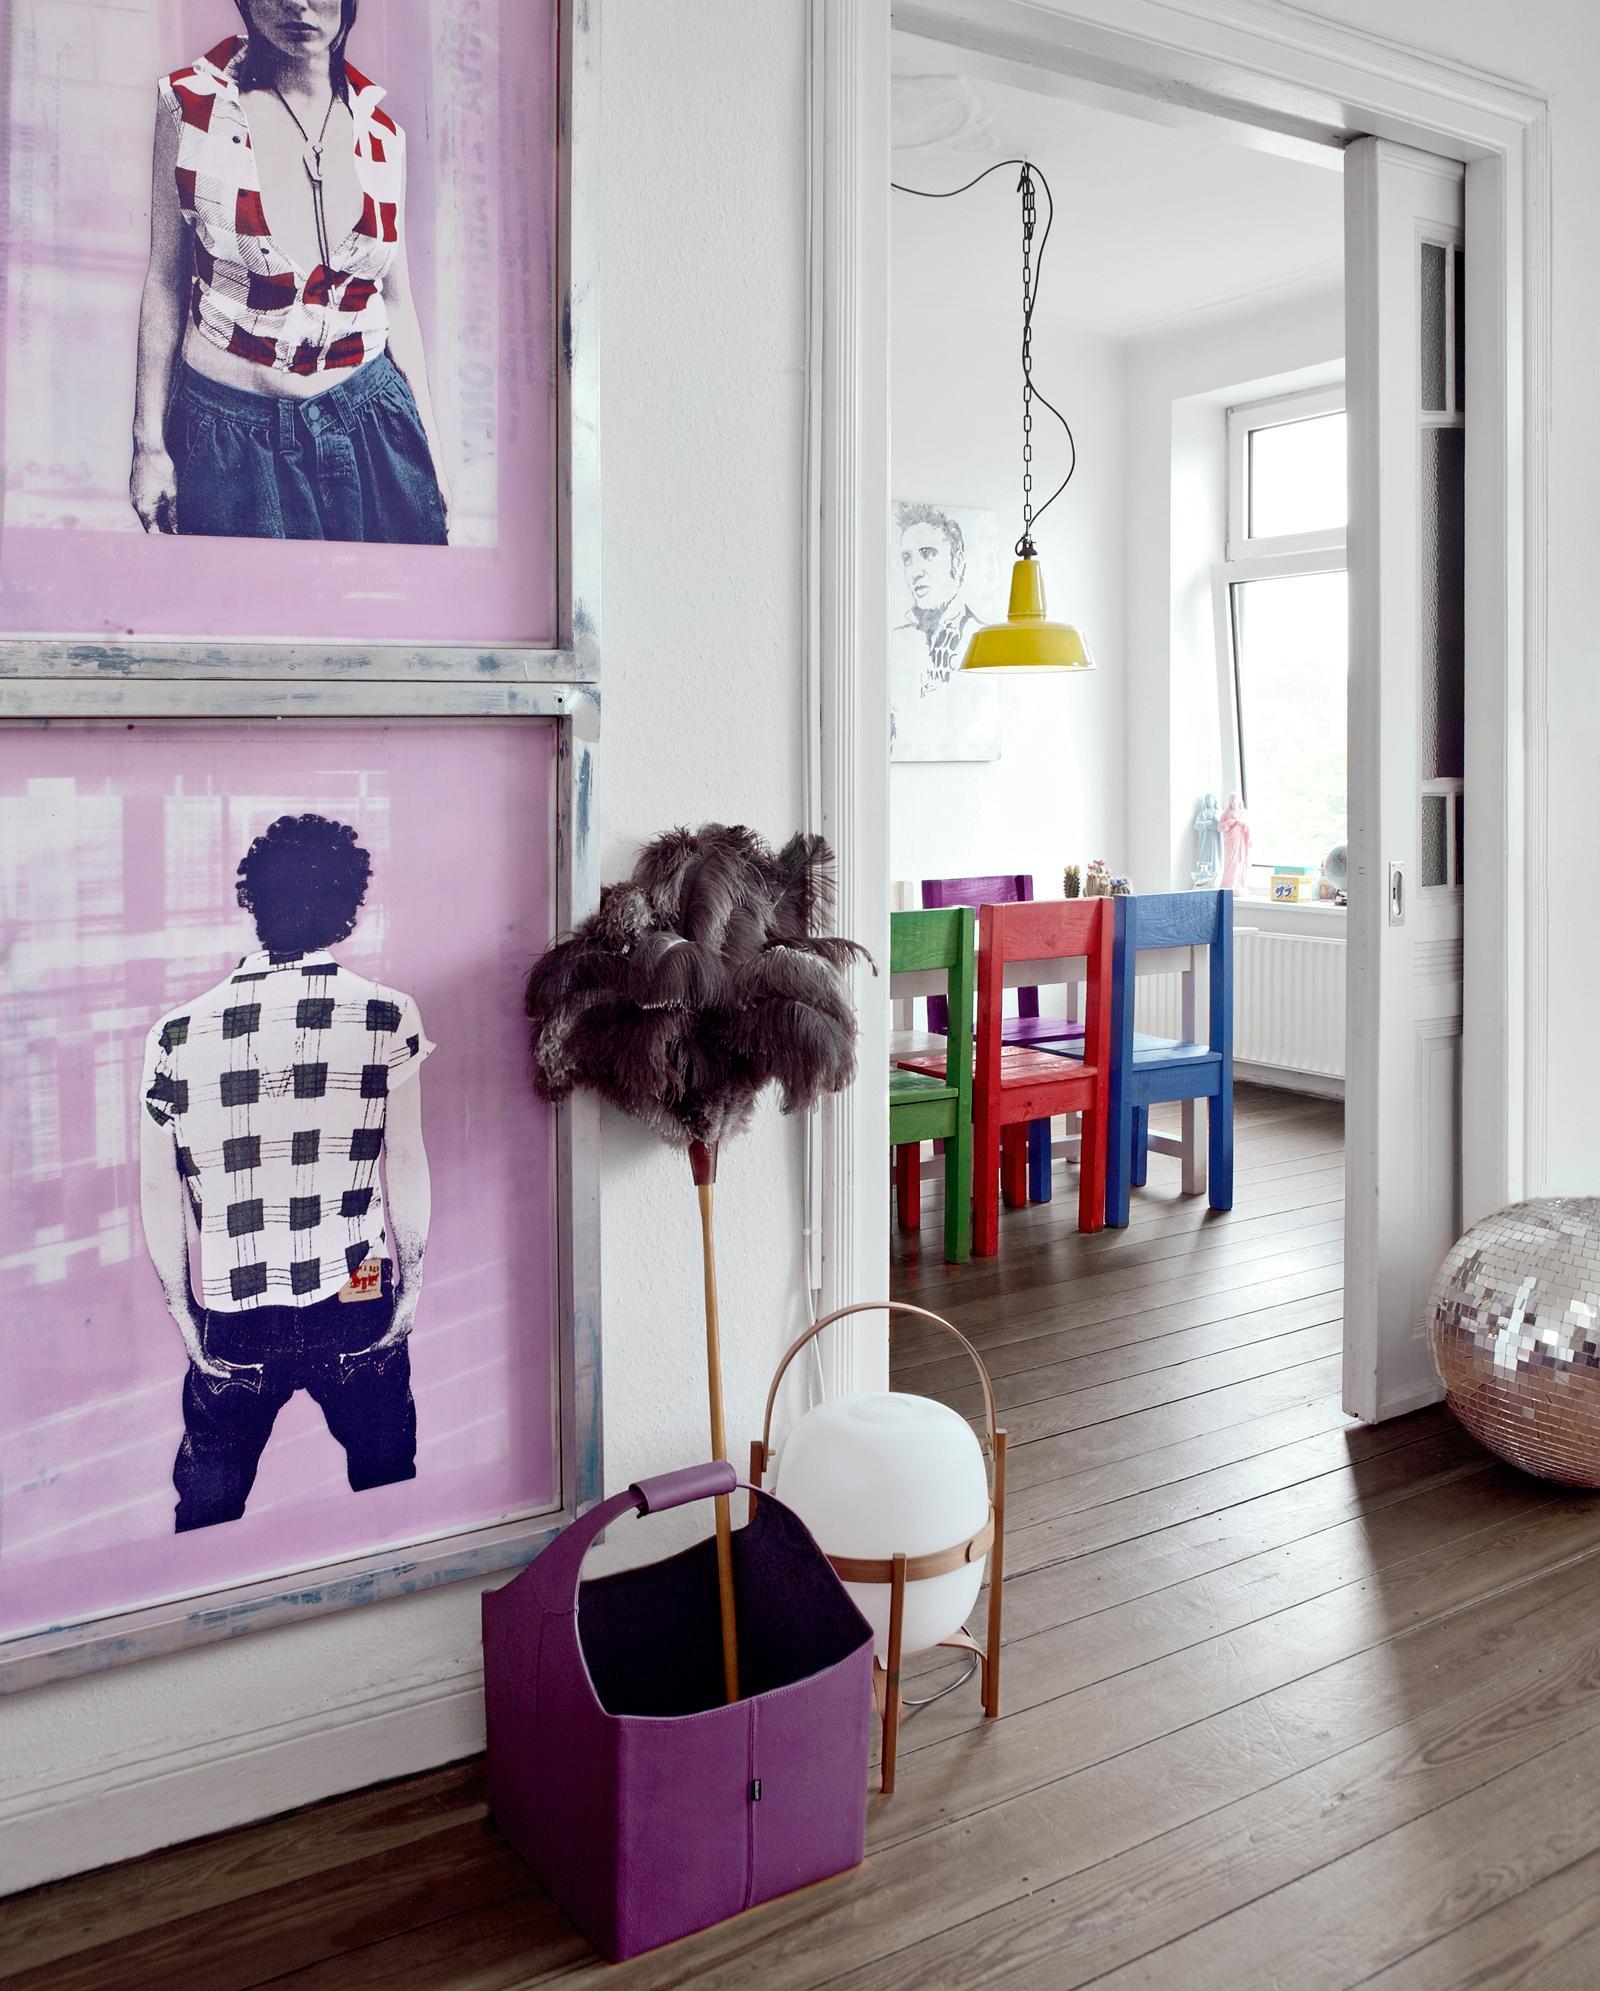 farben im altbau dielenboden altbau nina struve. Black Bedroom Furniture Sets. Home Design Ideas